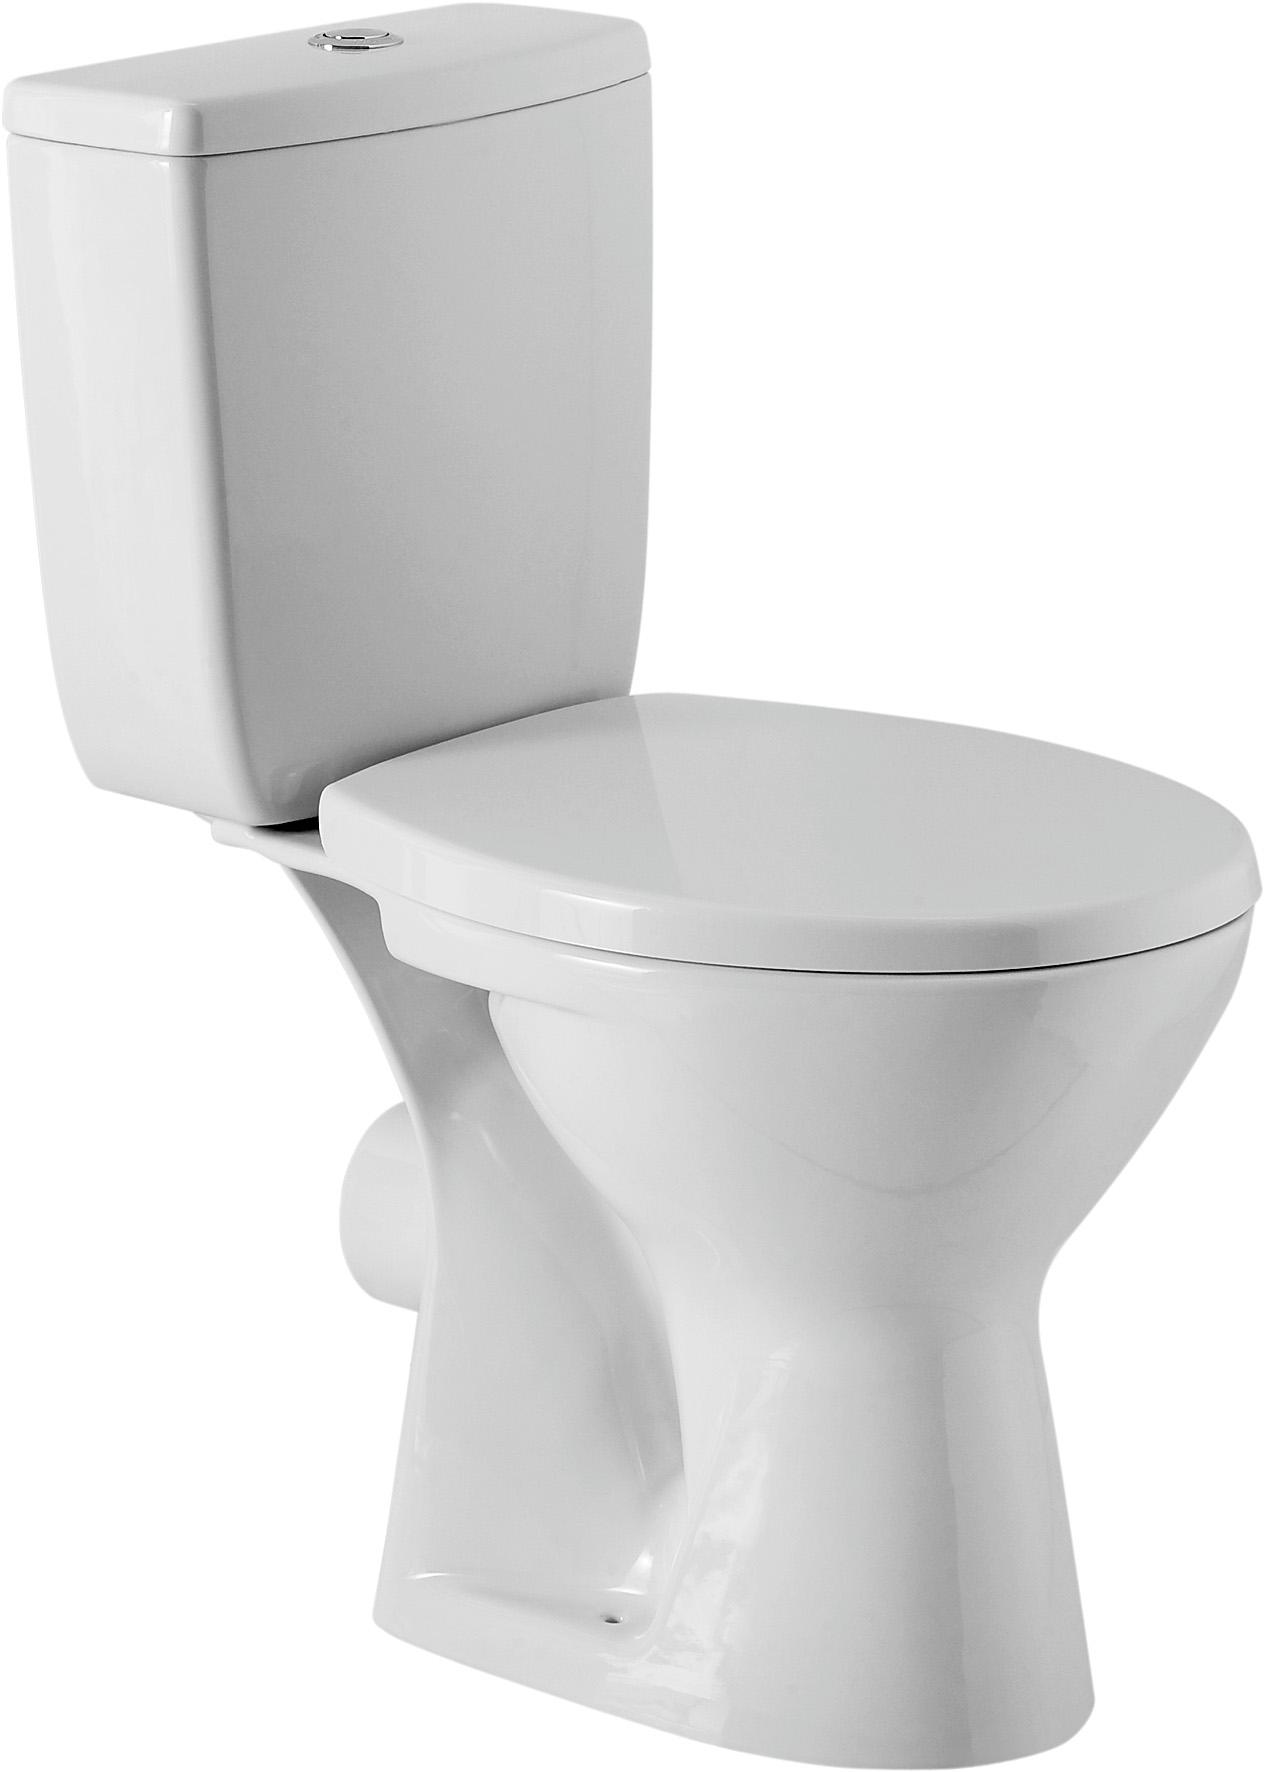 wc toilette stand tiefsp ler set bodenstehend sp lkasten keramik sitz cersanit z ebay. Black Bedroom Furniture Sets. Home Design Ideas